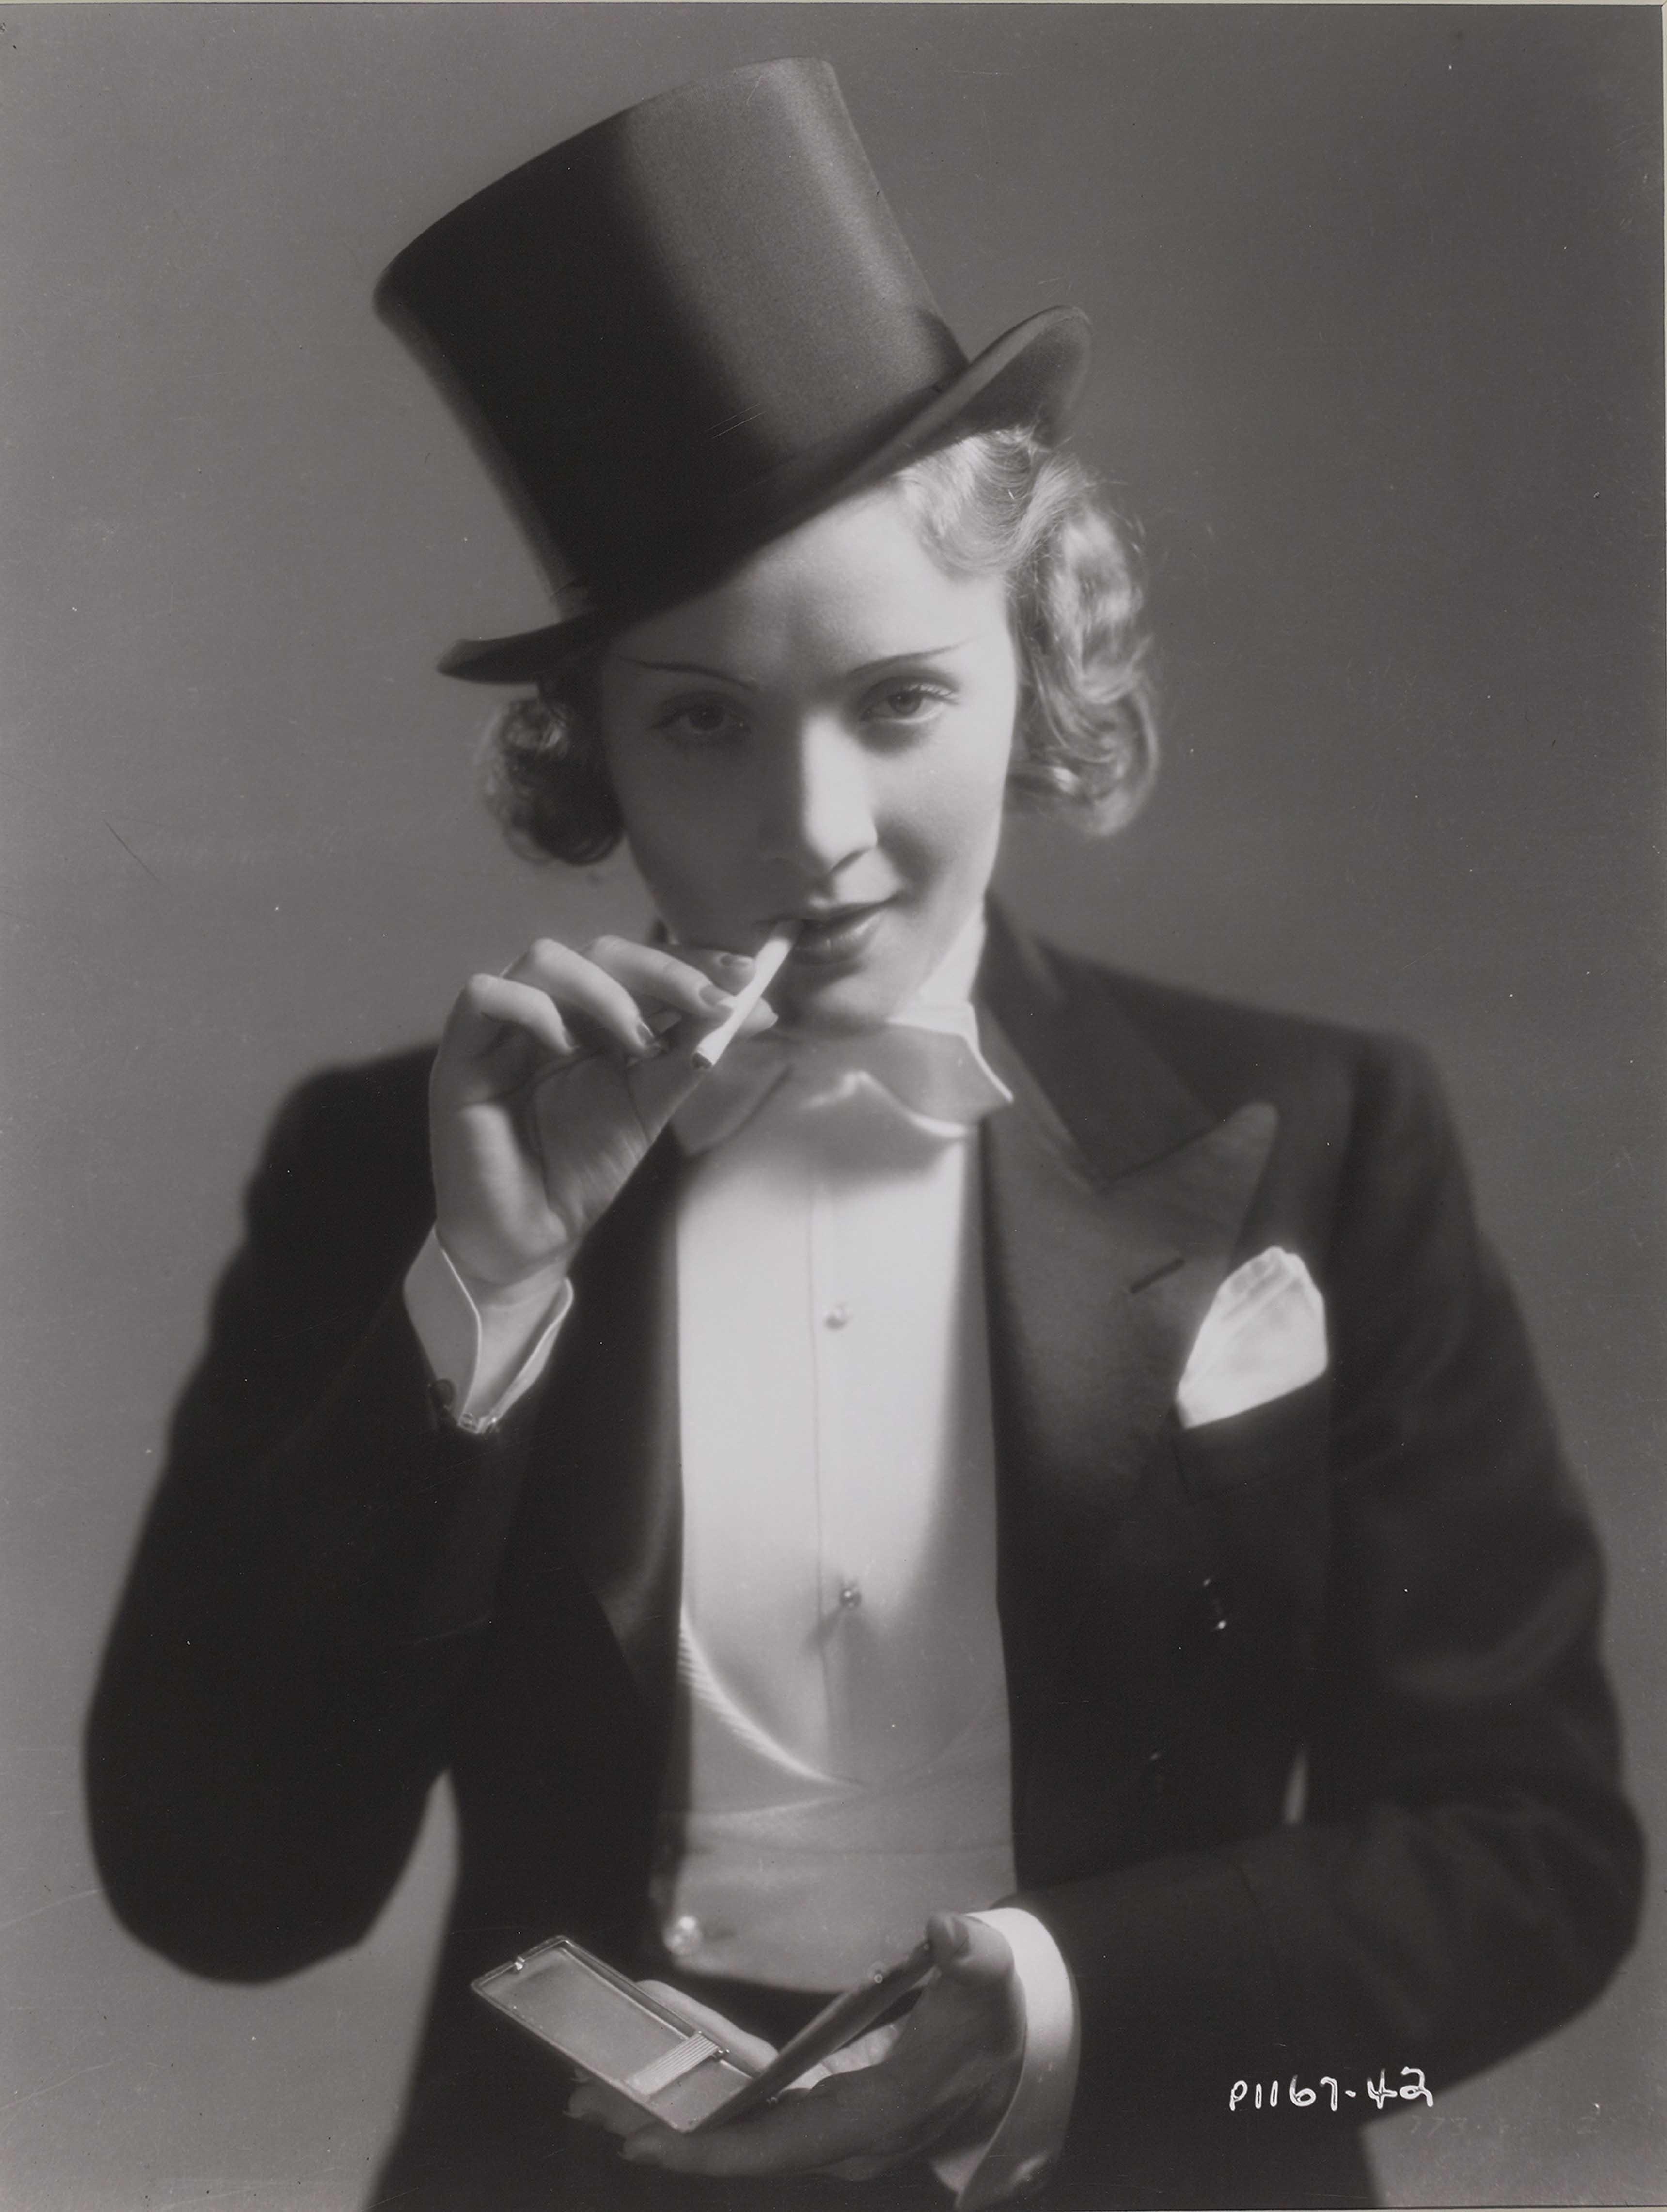 Eugene Richee Morocco, 1930, film dirigé par Josef von Sternberg © DILTZ/Bridgeman Images